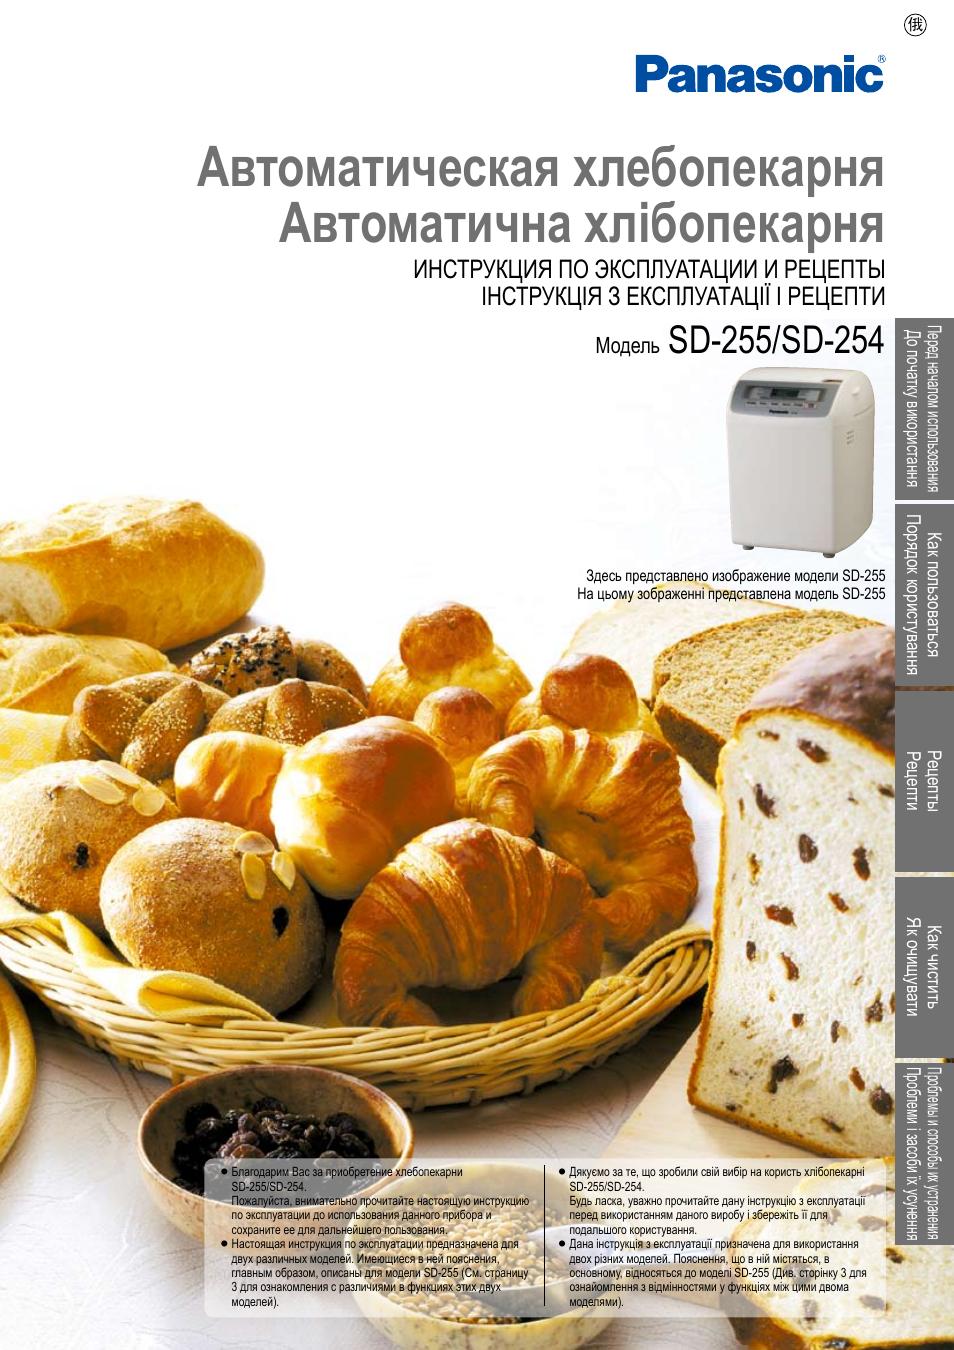 Рецепты хлеба для хлебопечки панасоник sd 255